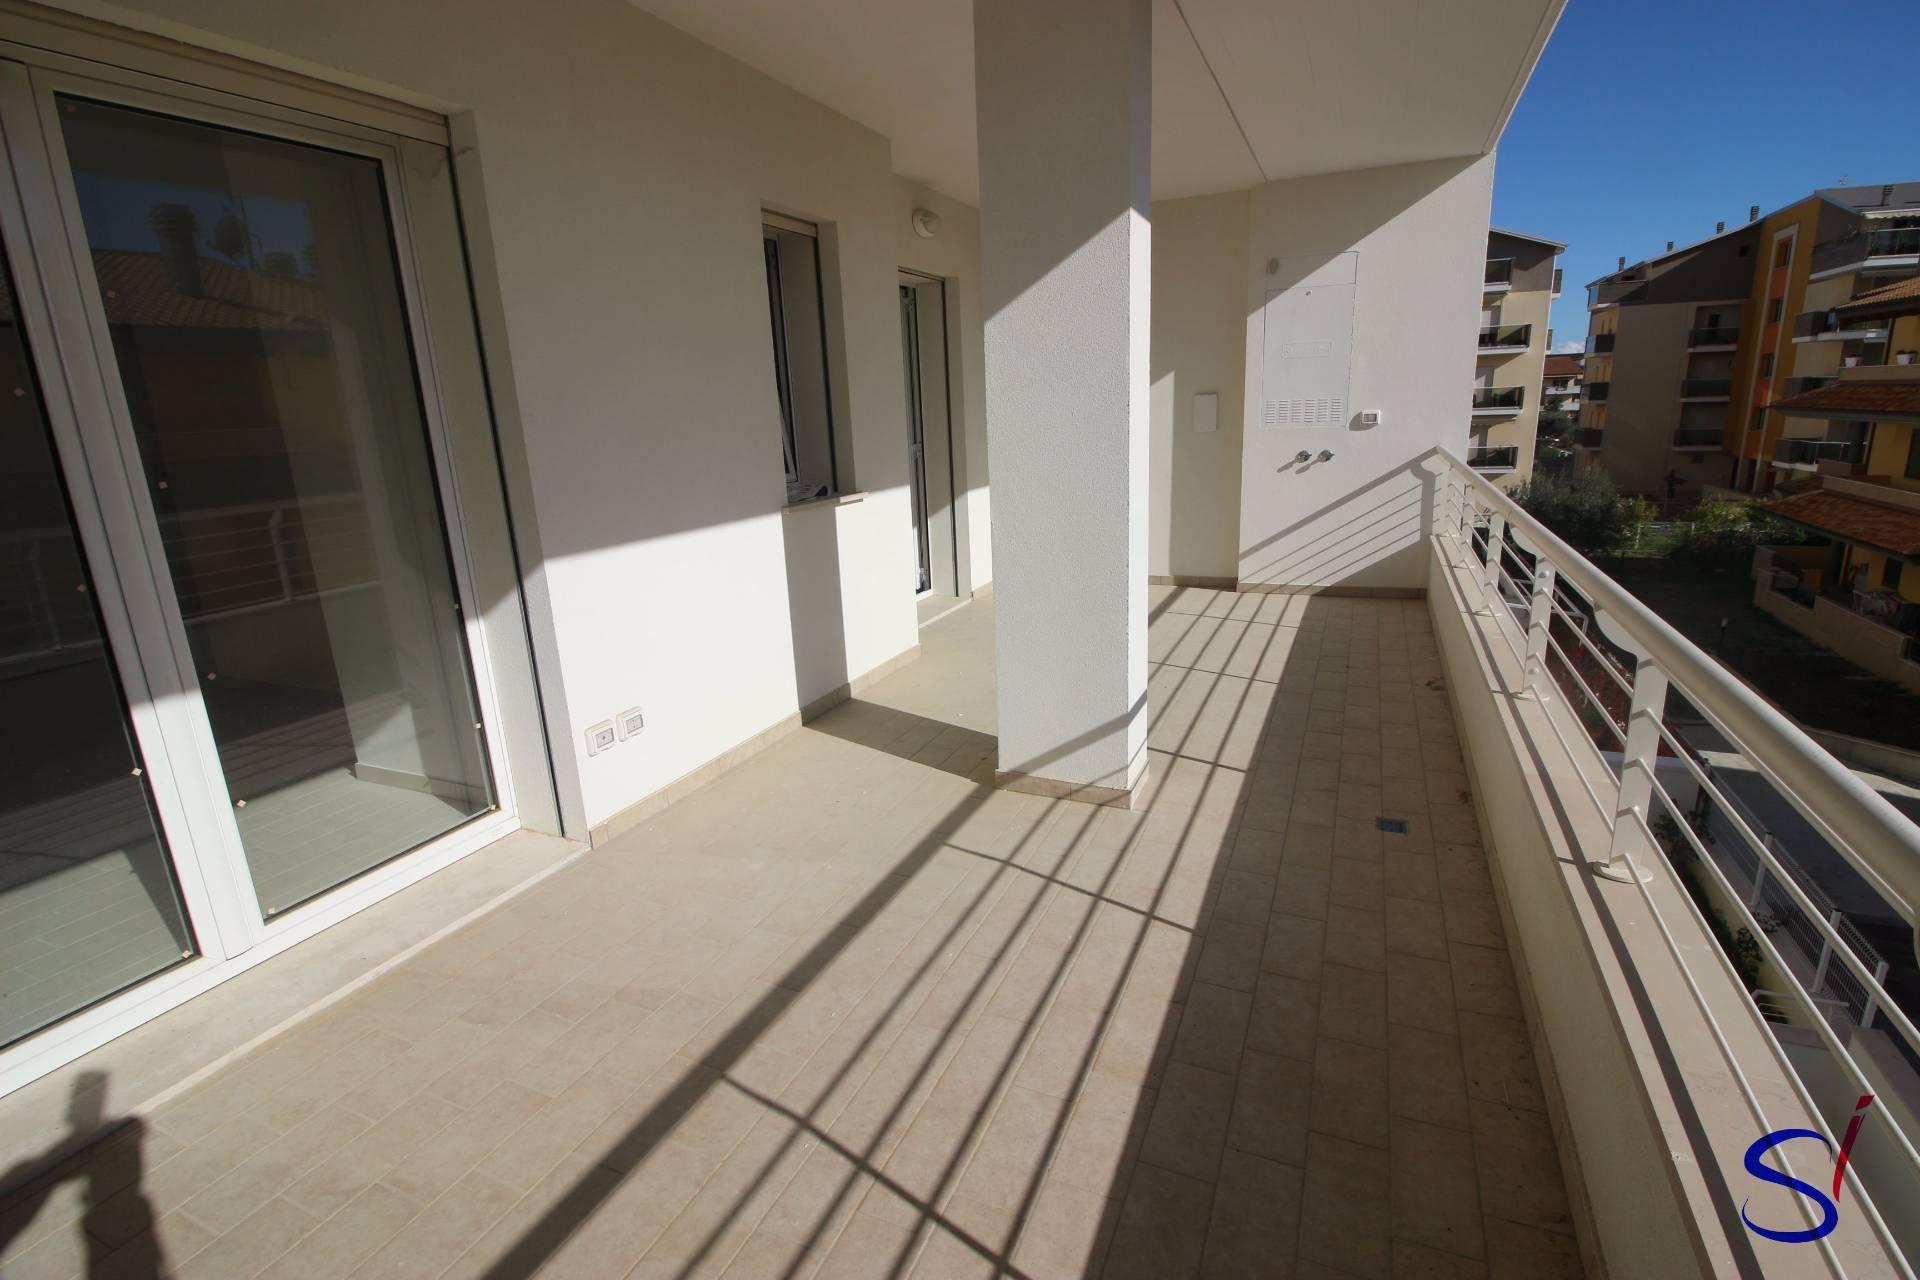 Appartamento in vendita a Tortoreto, 2 locali, zona Località: TortoretoLido, prezzo € 93.000 | CambioCasa.it